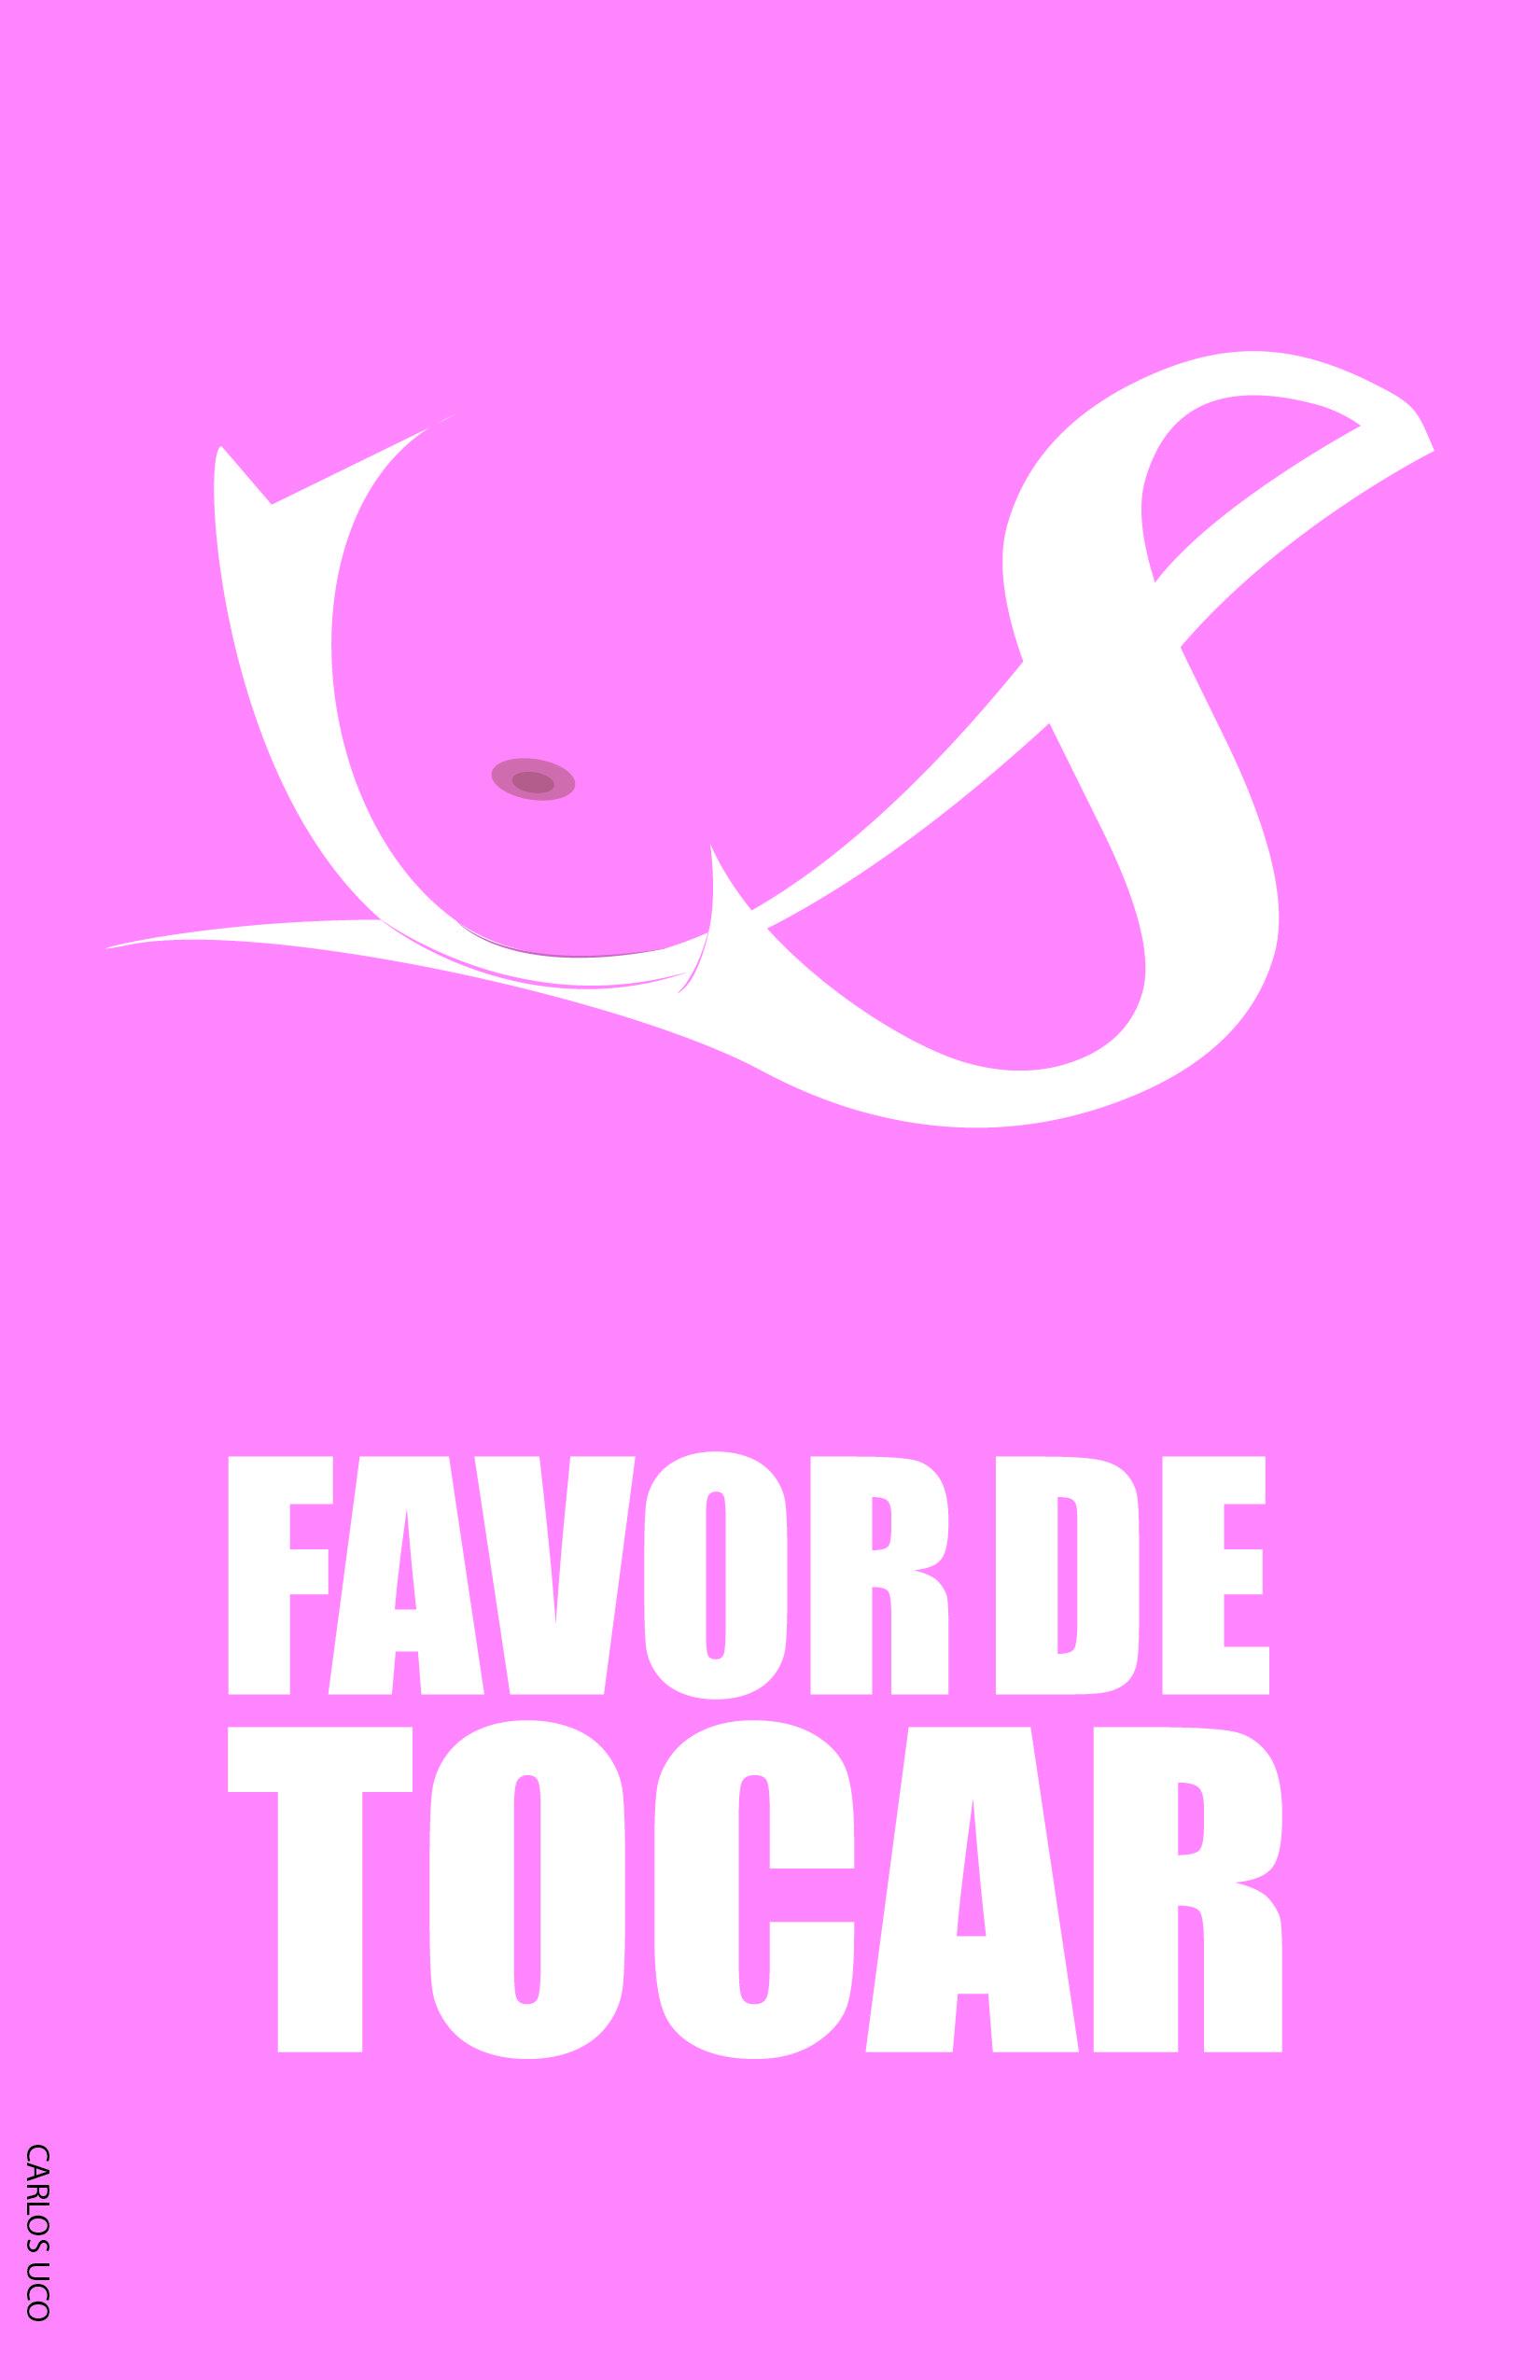 Cartel/Afiche contra el cancer de mama - Carlos Uco   lucha contra ...